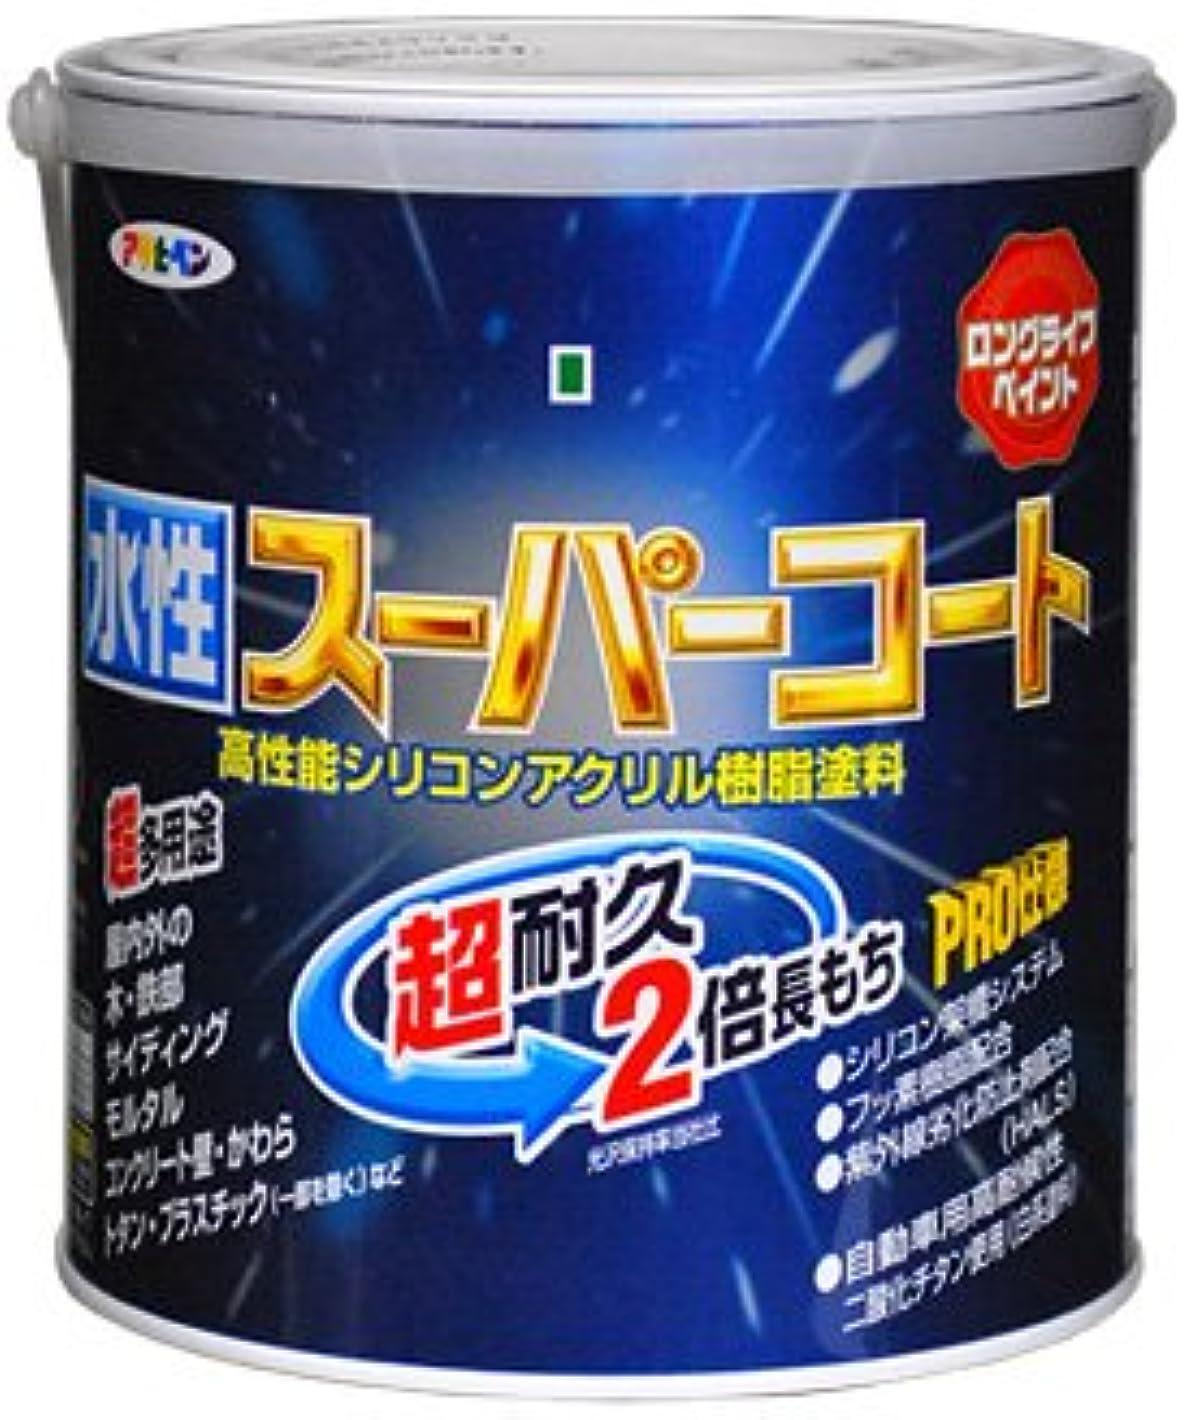 耐久吸収する昼食アサヒペン ペンキ 水性スーパーコート 水性多用途 青 1.6L